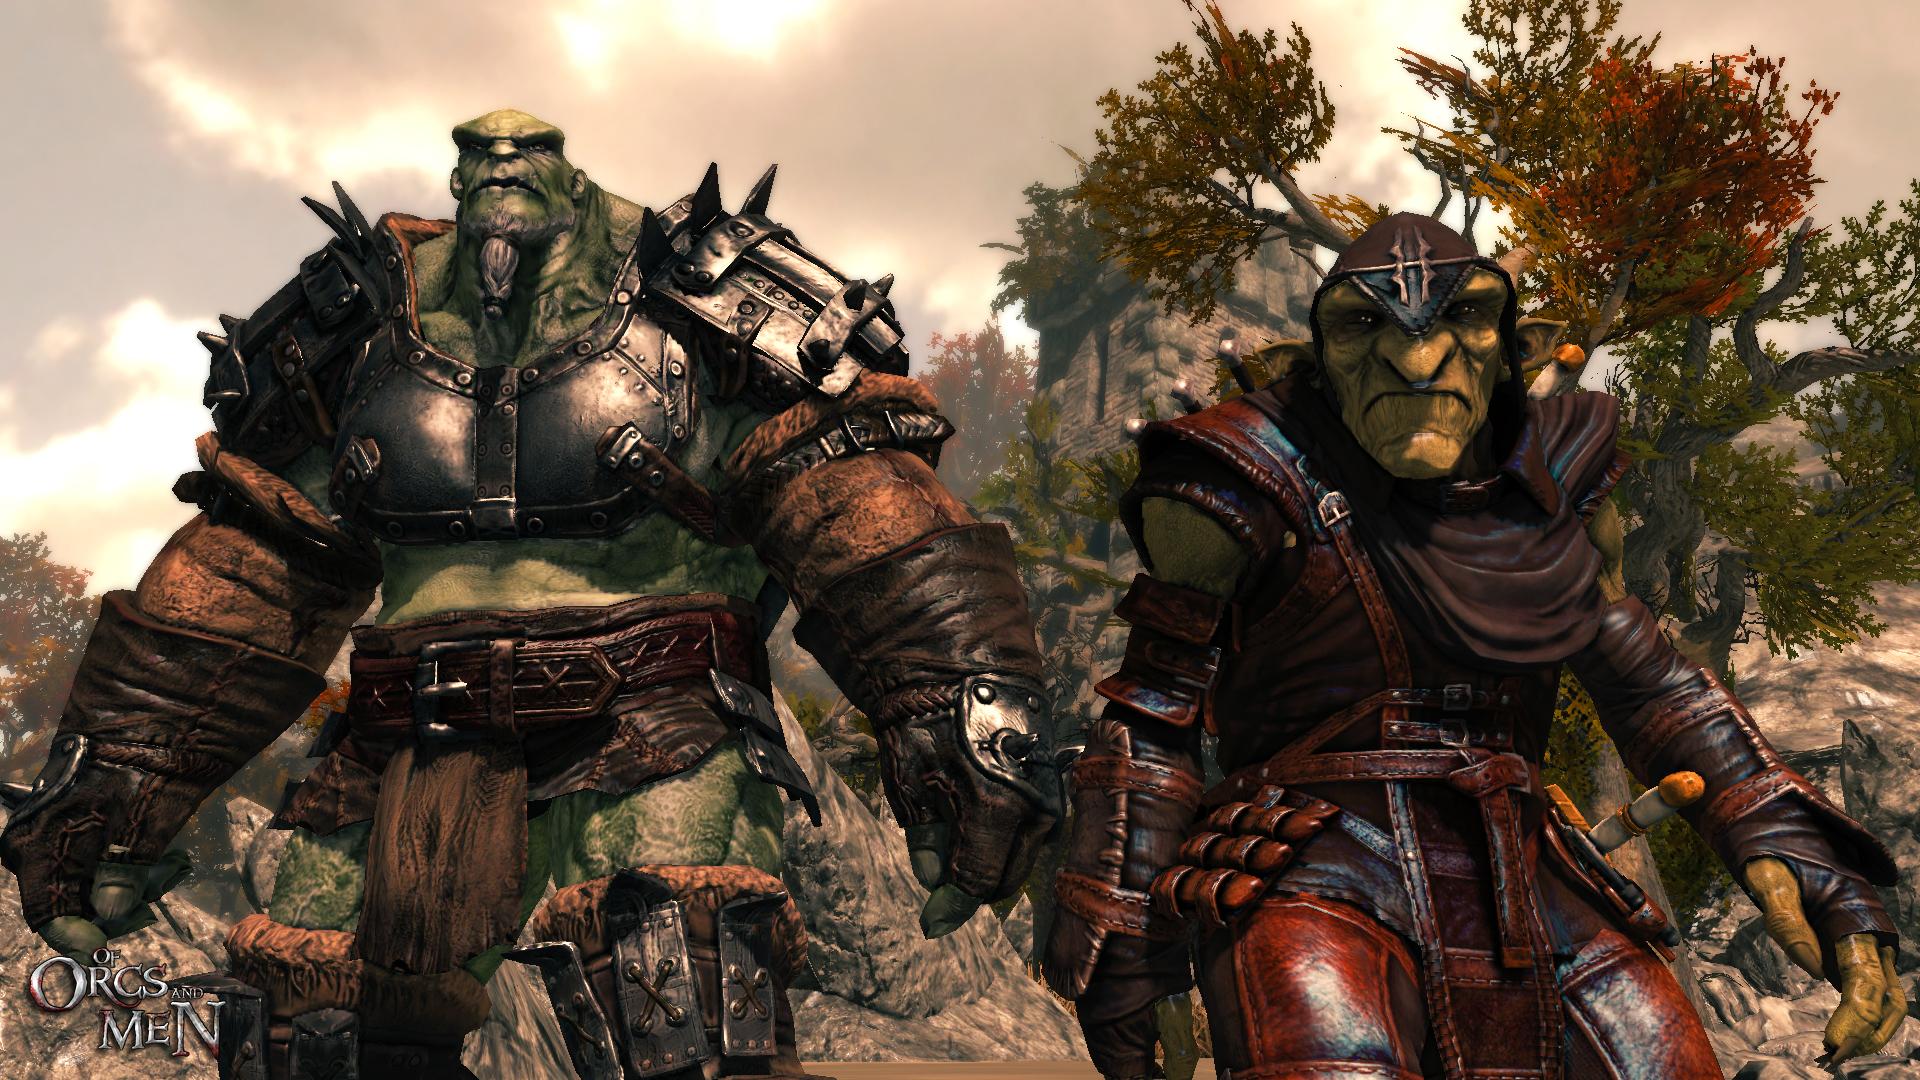 of_orcs_and_men-09.jpg